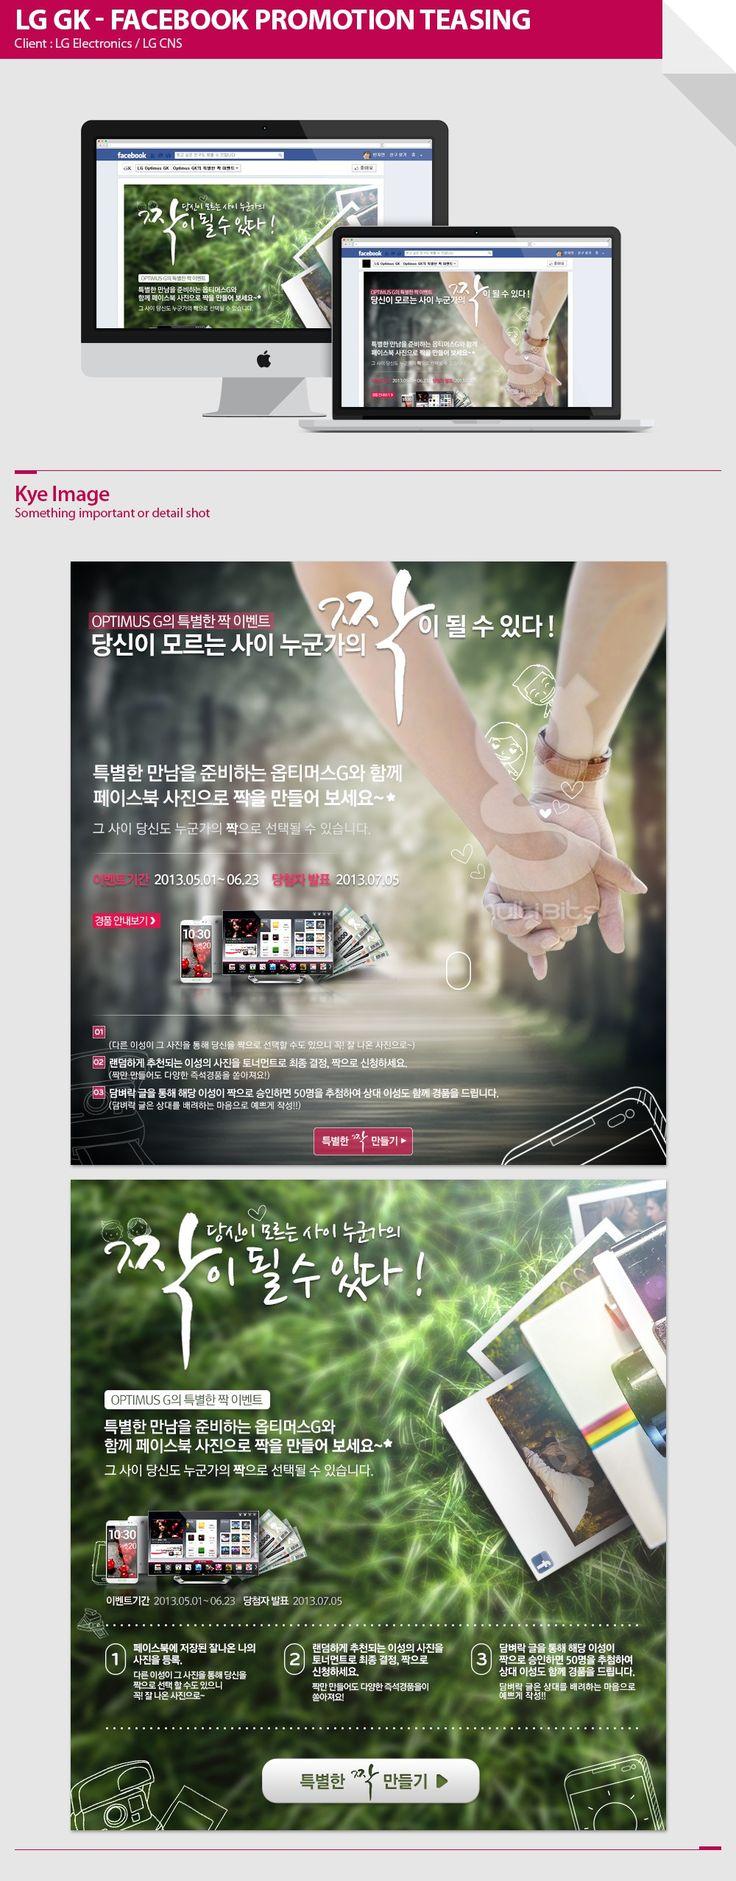 LG GK eventpage